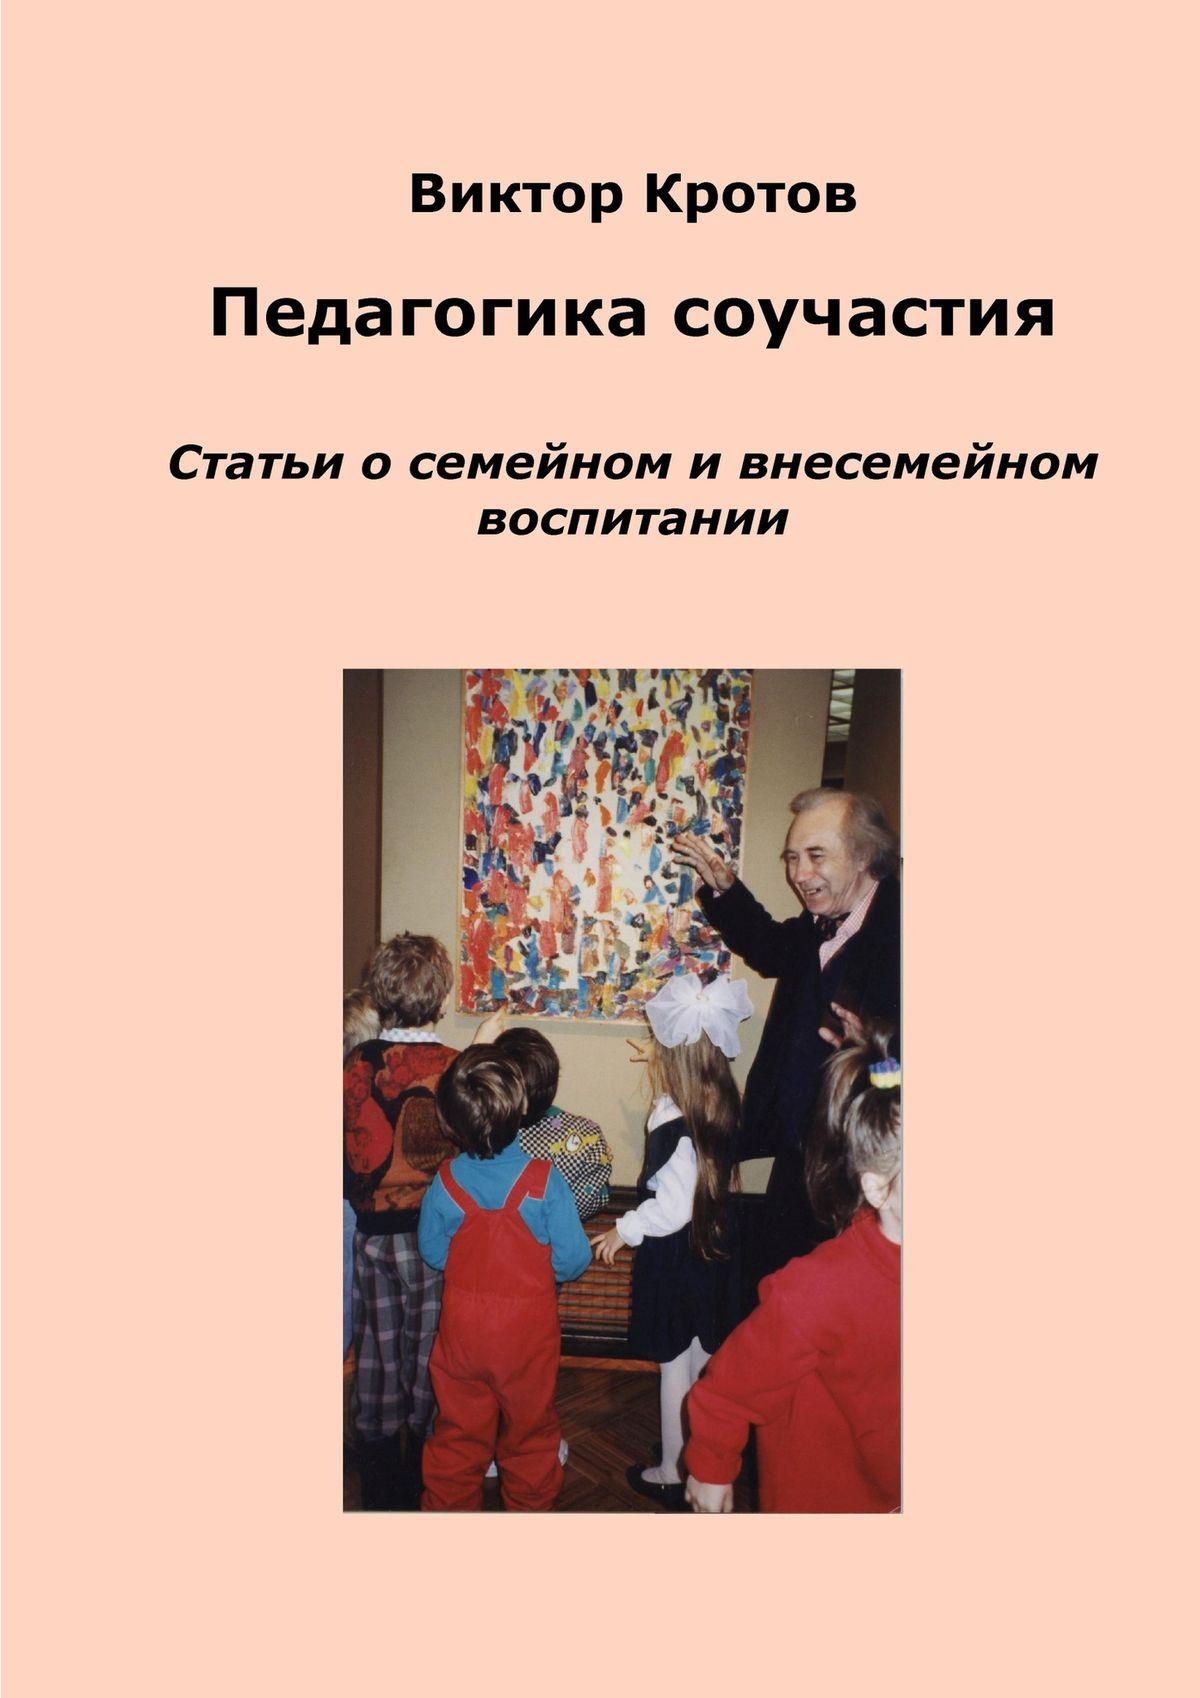 Виктор Кротов Педагогика соучастия. Статьи о семейном и внесемейном воспитании виктор кротов компас для младенца педагогика первого года